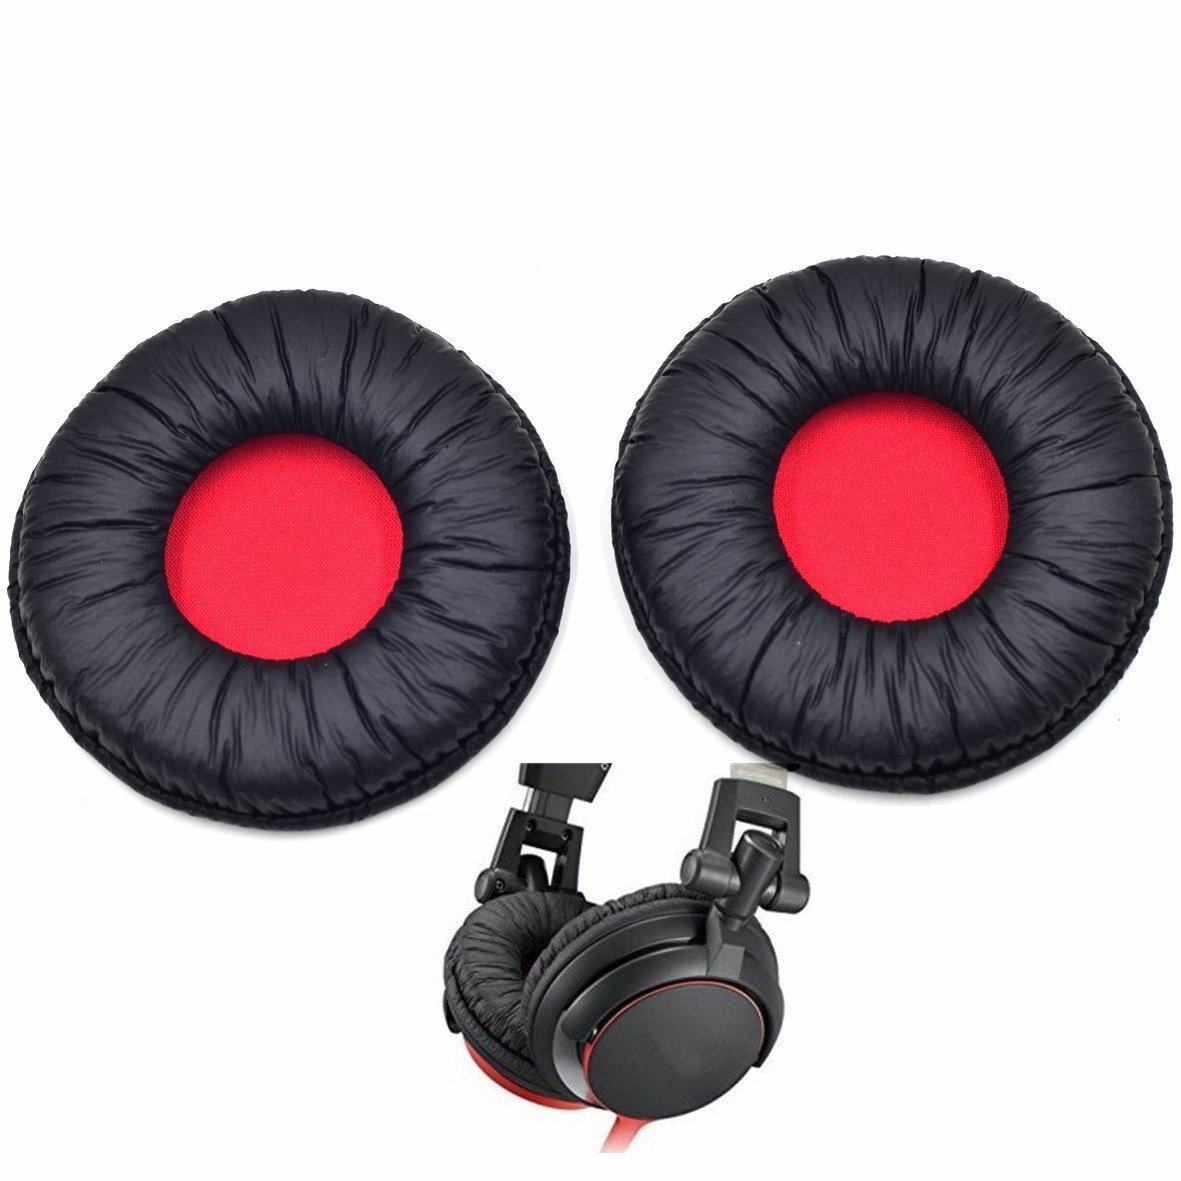 Сменные мягкие кожаные подушечки для наушников sony mdr v55